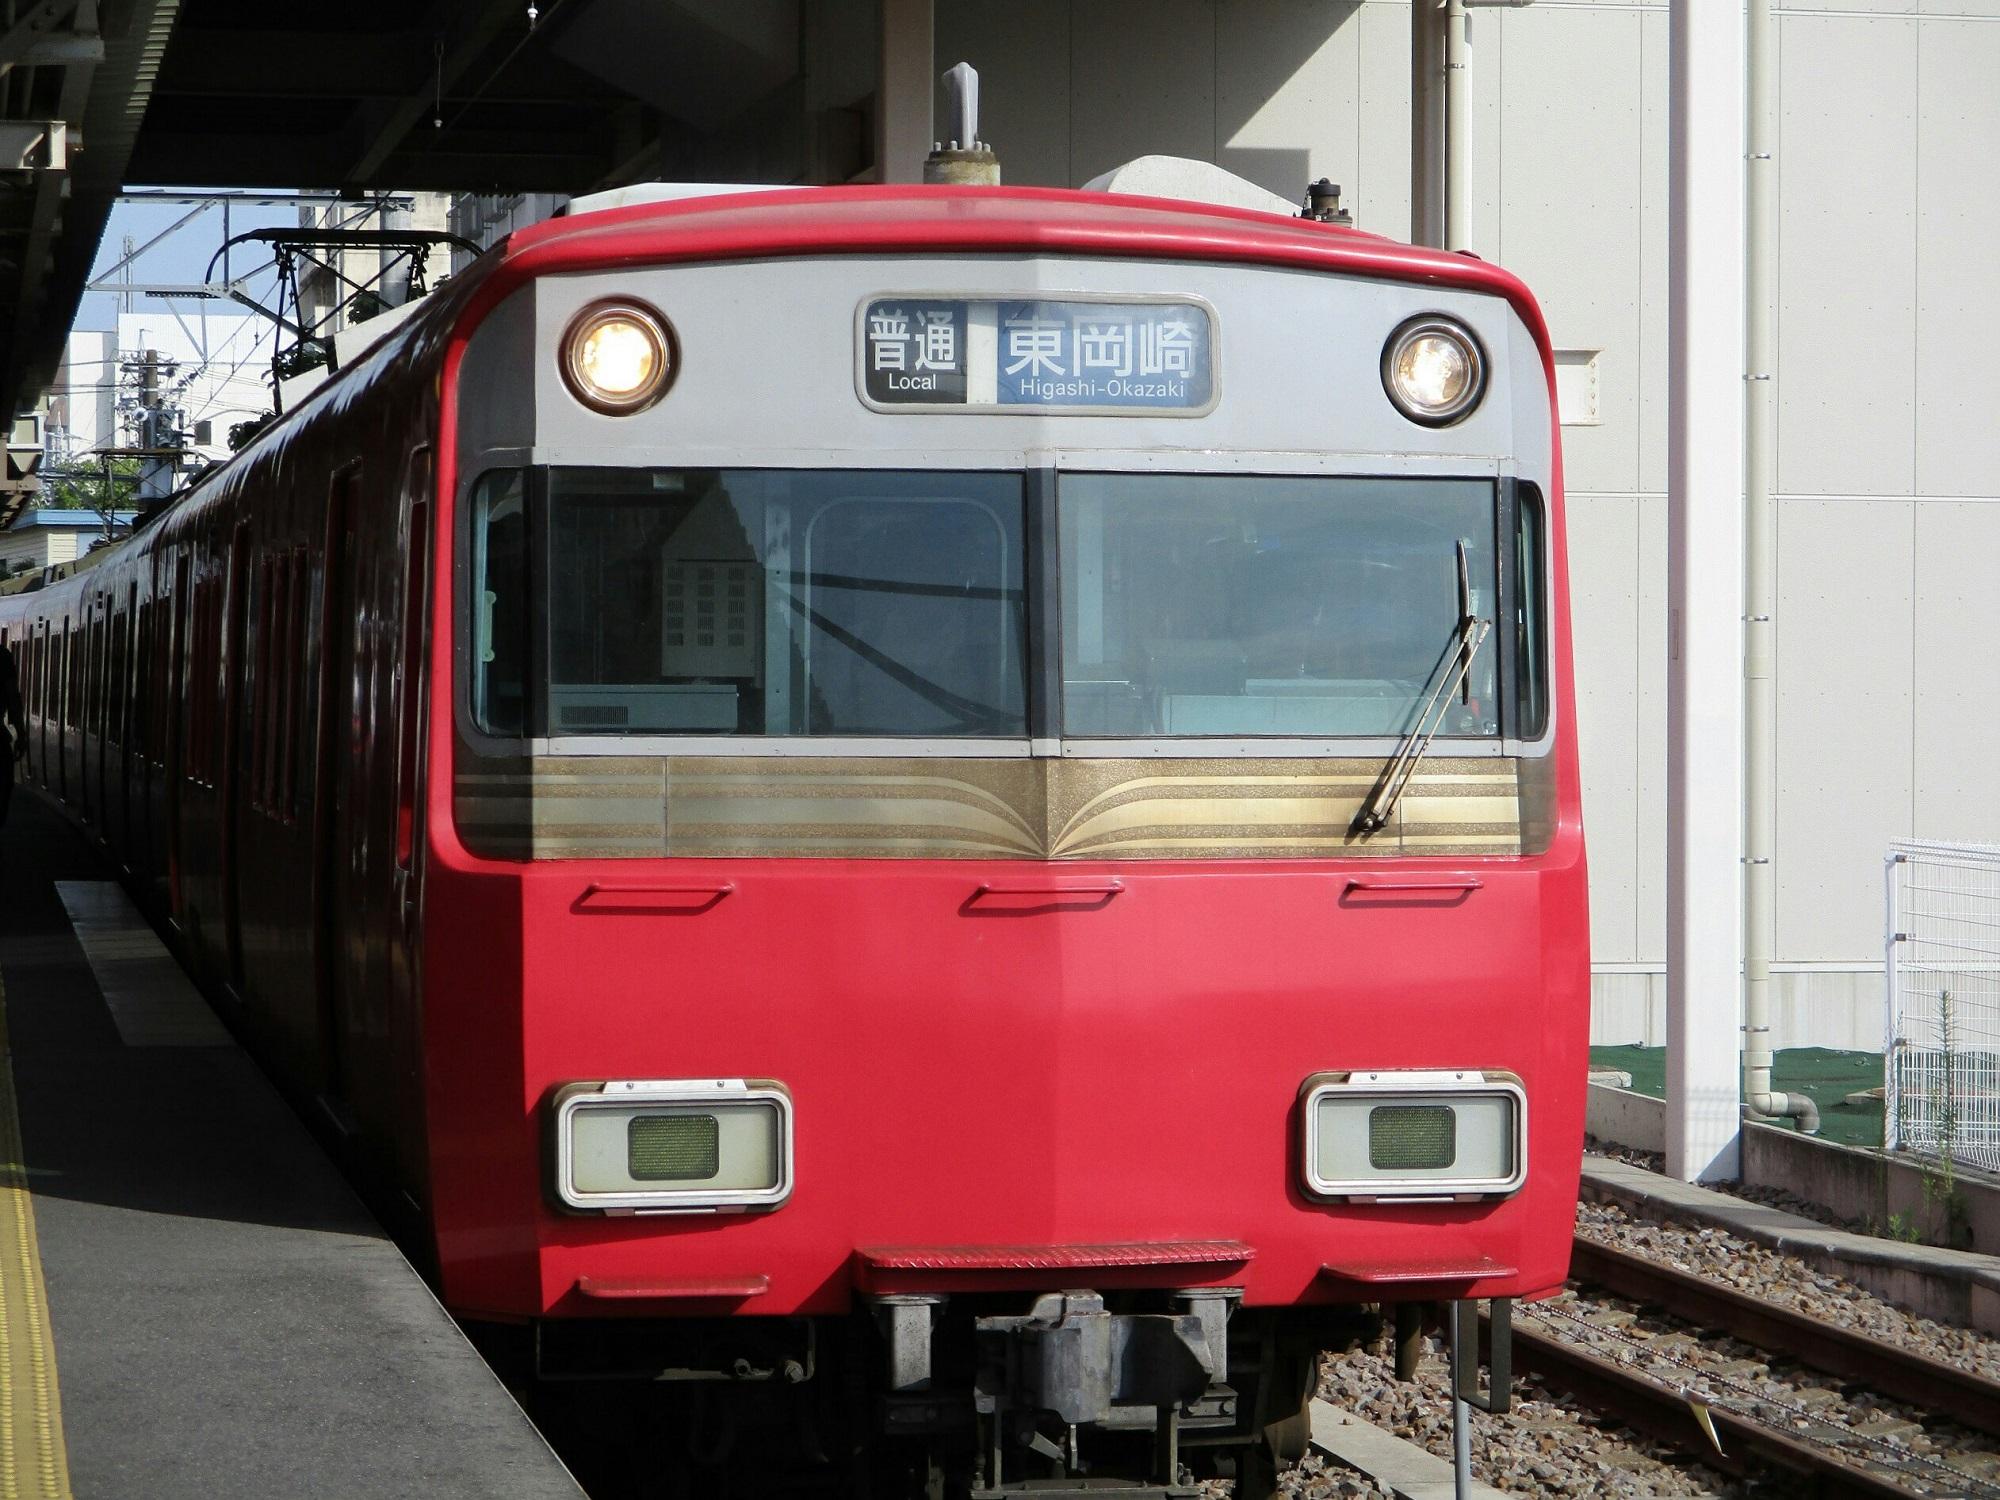 2018.6.22 (3) しんあんじょう - 東岡崎いきふつう 2000-1500